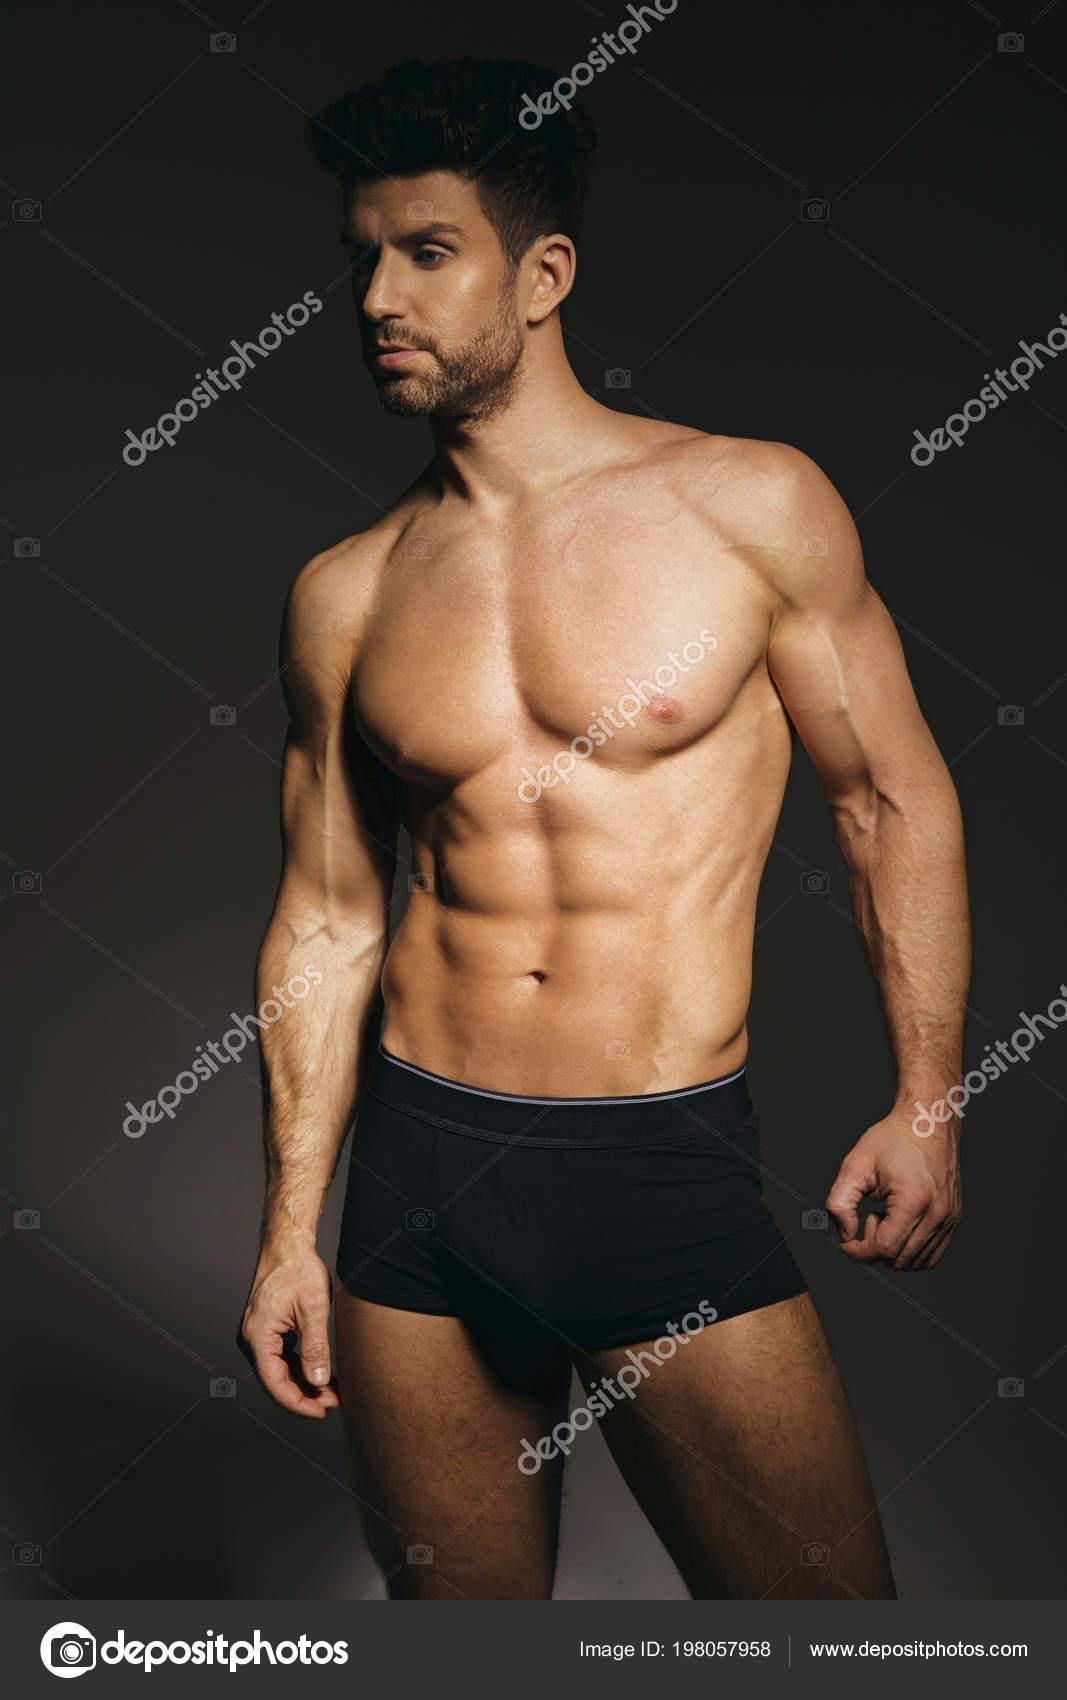 861b32cafd Hombre Modelo Ropa Interior Sexy Sobre Fondo Gris — Foto de stock ...